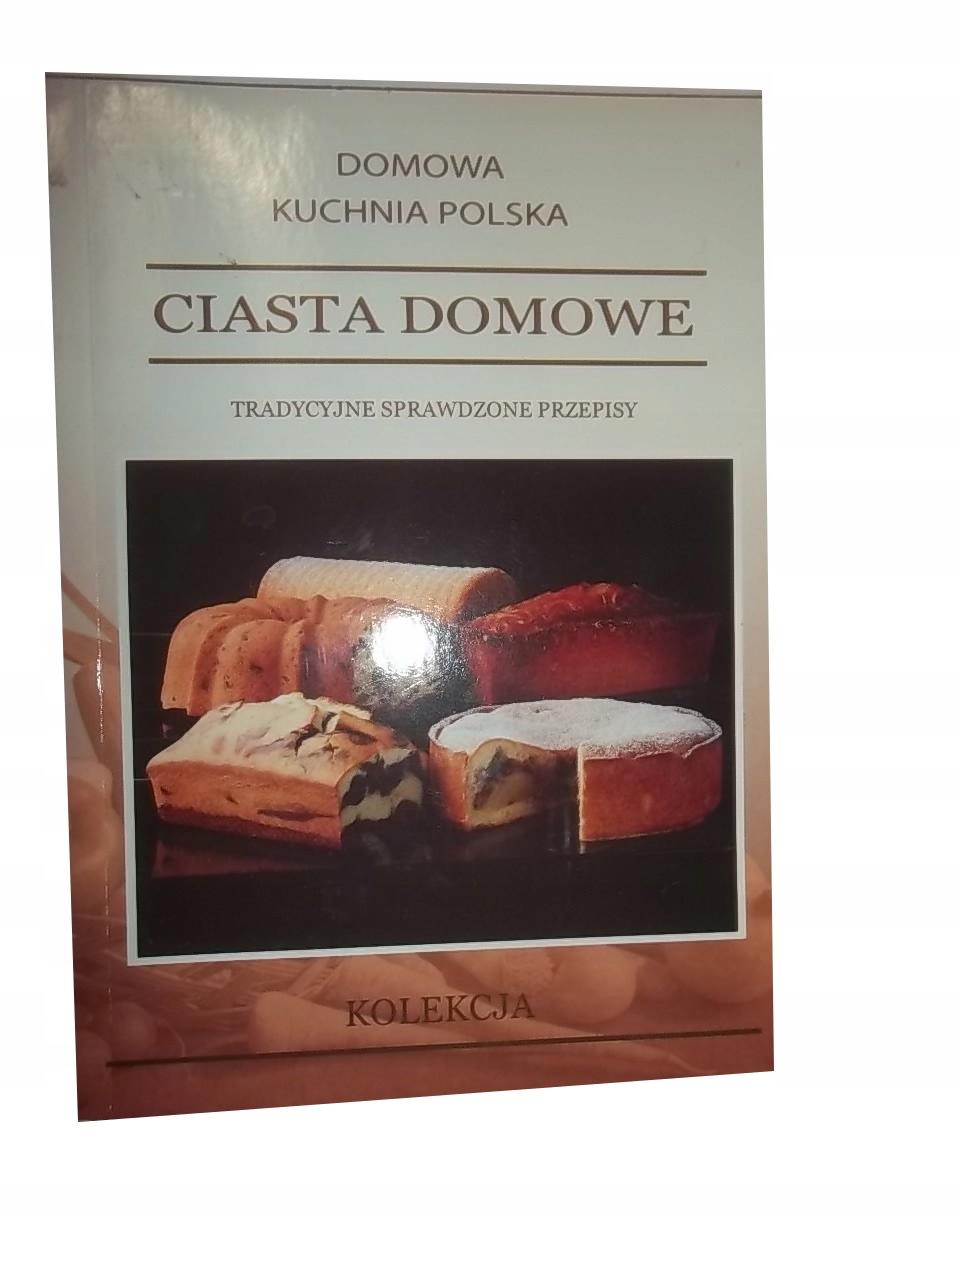 Ciasta Domowe Domowa Kuchnia Polska W Wa